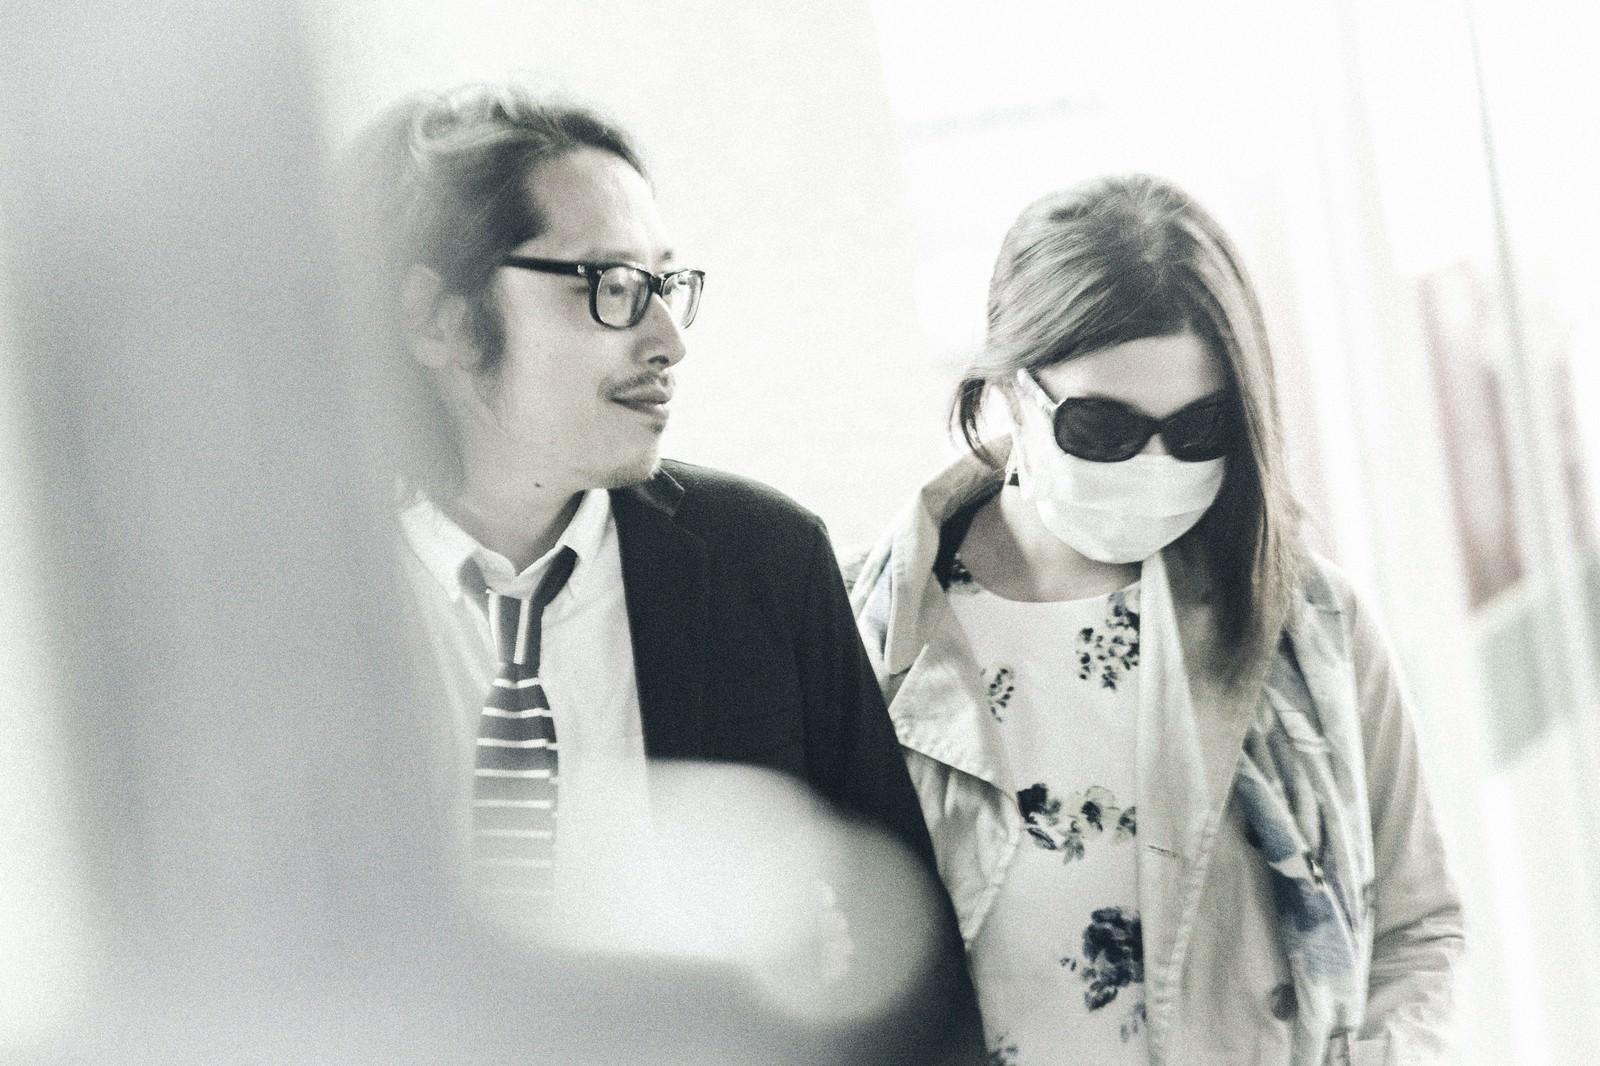 「コンビニから出てくるサングラスとマスクを着用した芸能人との熱愛現場」の写真[モデル:ゆうせい]